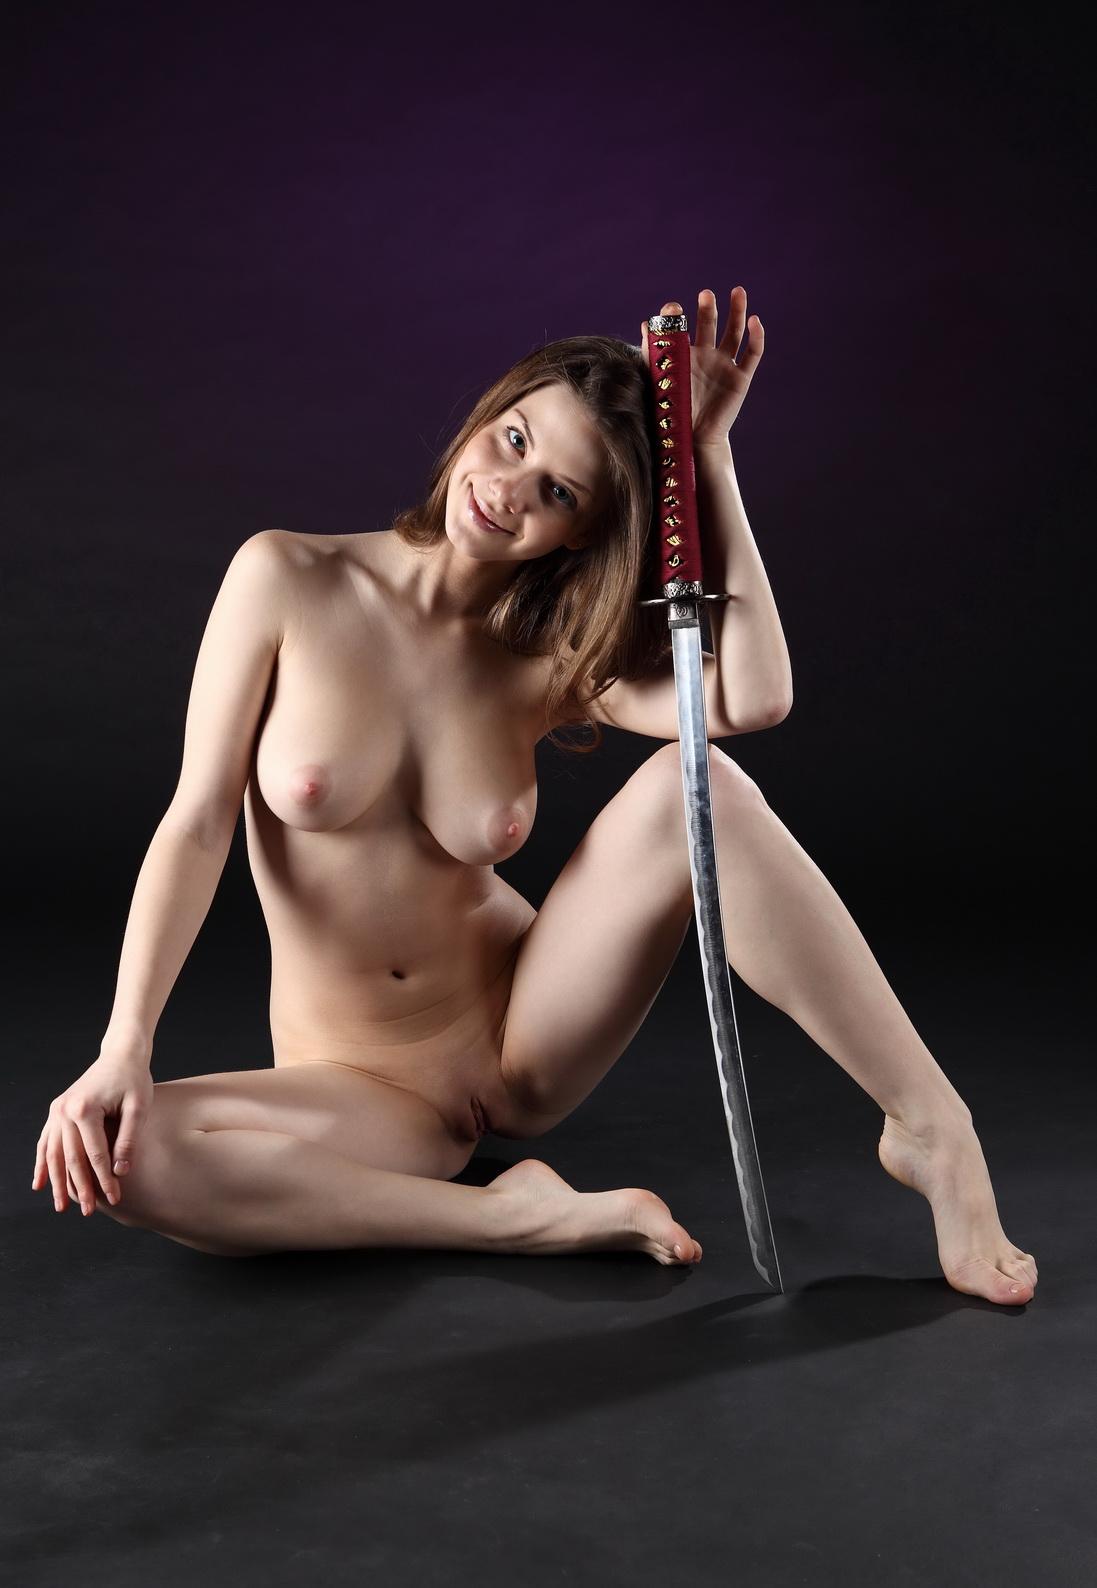 Фотосессия голых моделей с мечом, волосатые подмышки онлайн